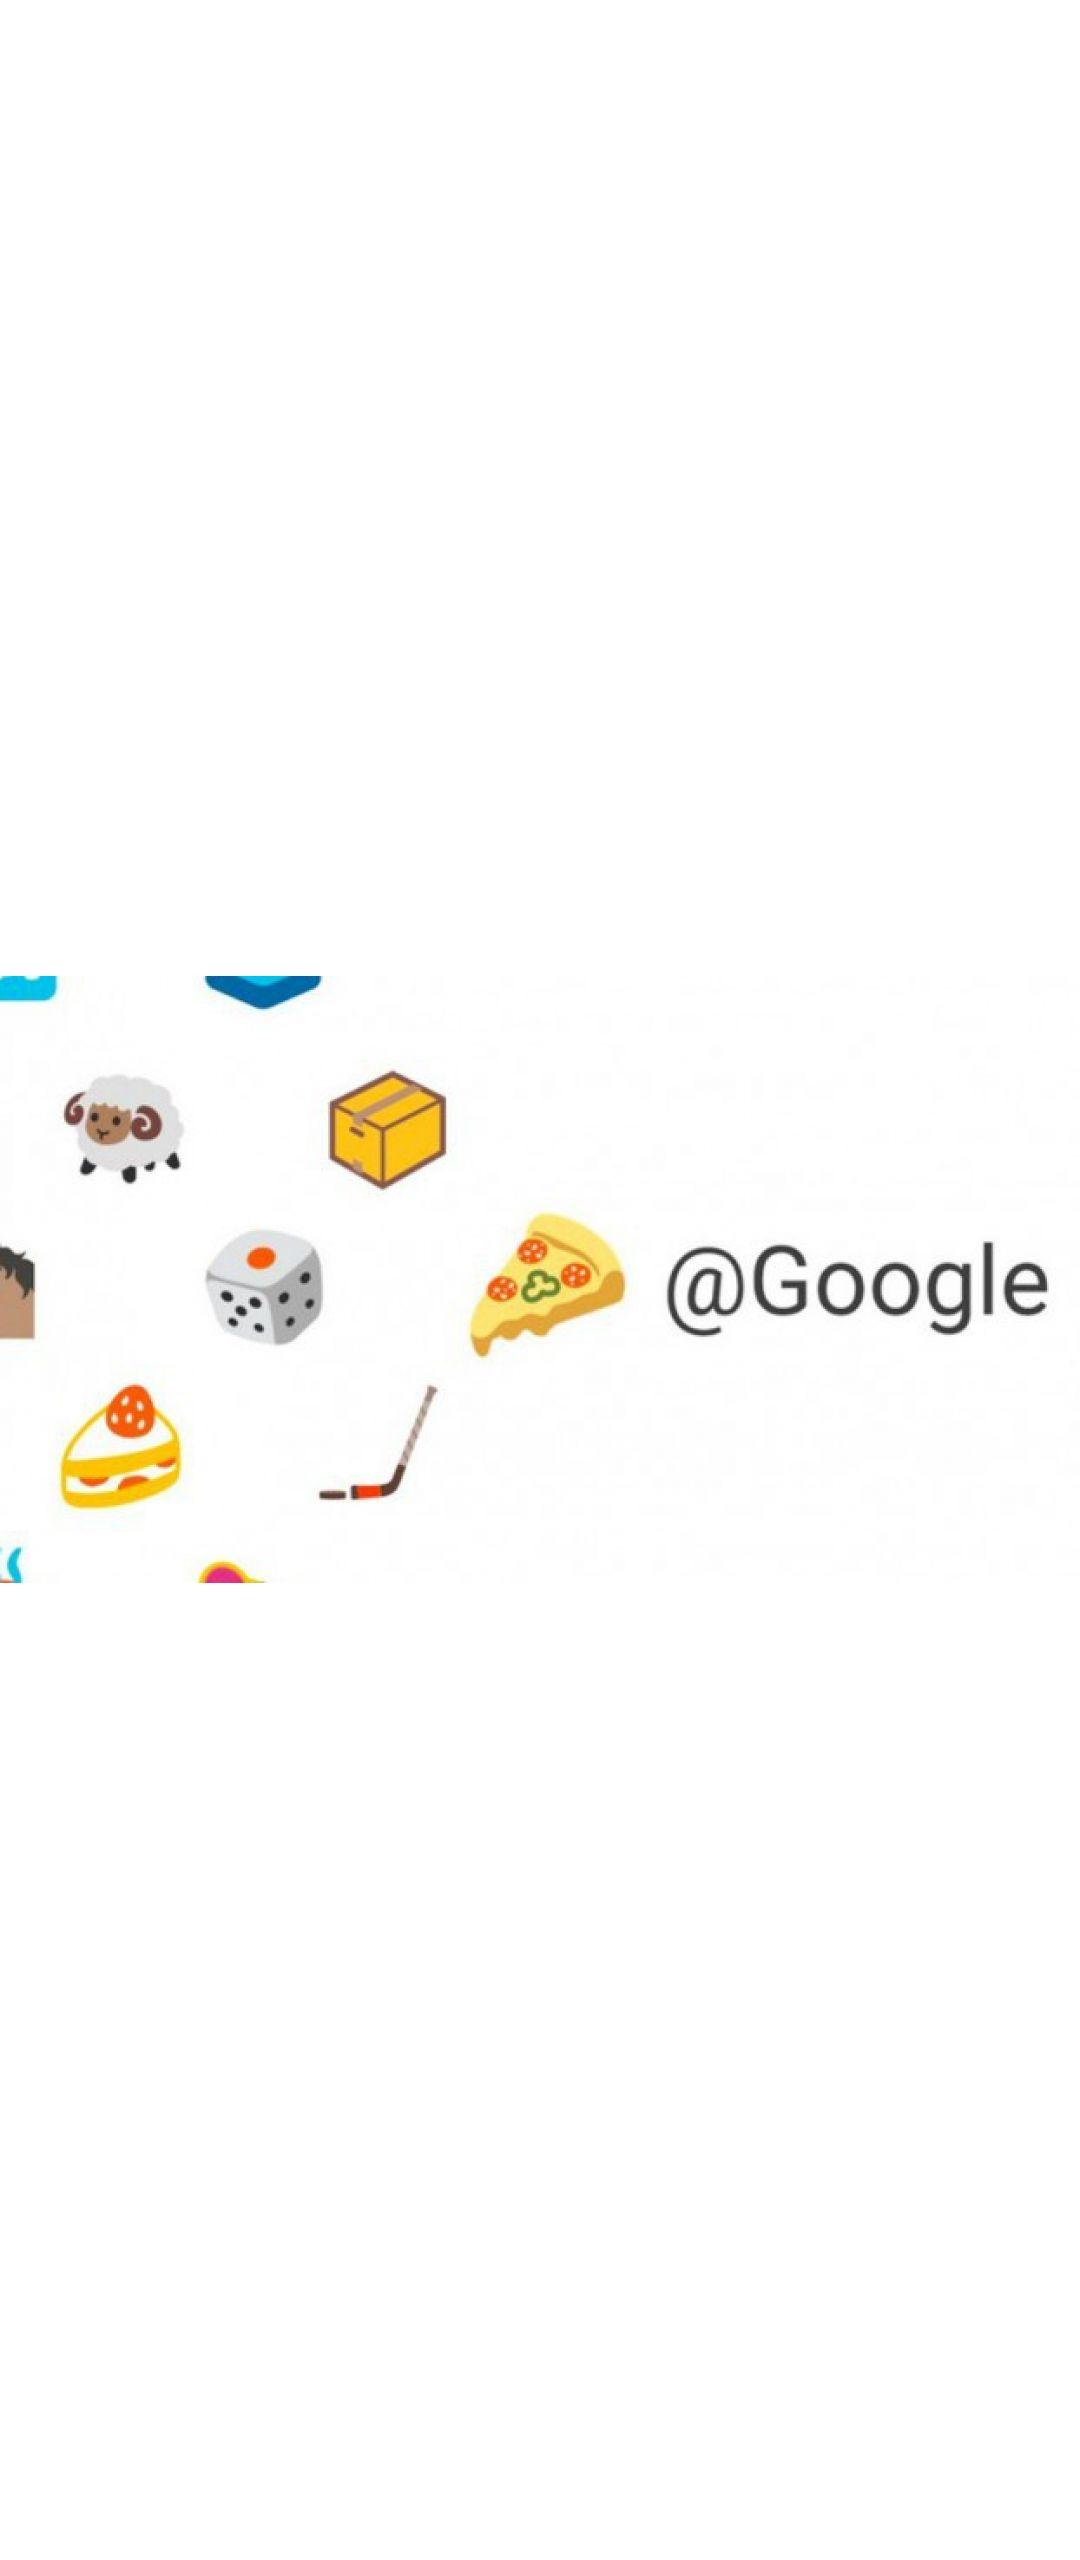 Ya puedes tuitear a Google con emojis para obtener resultados